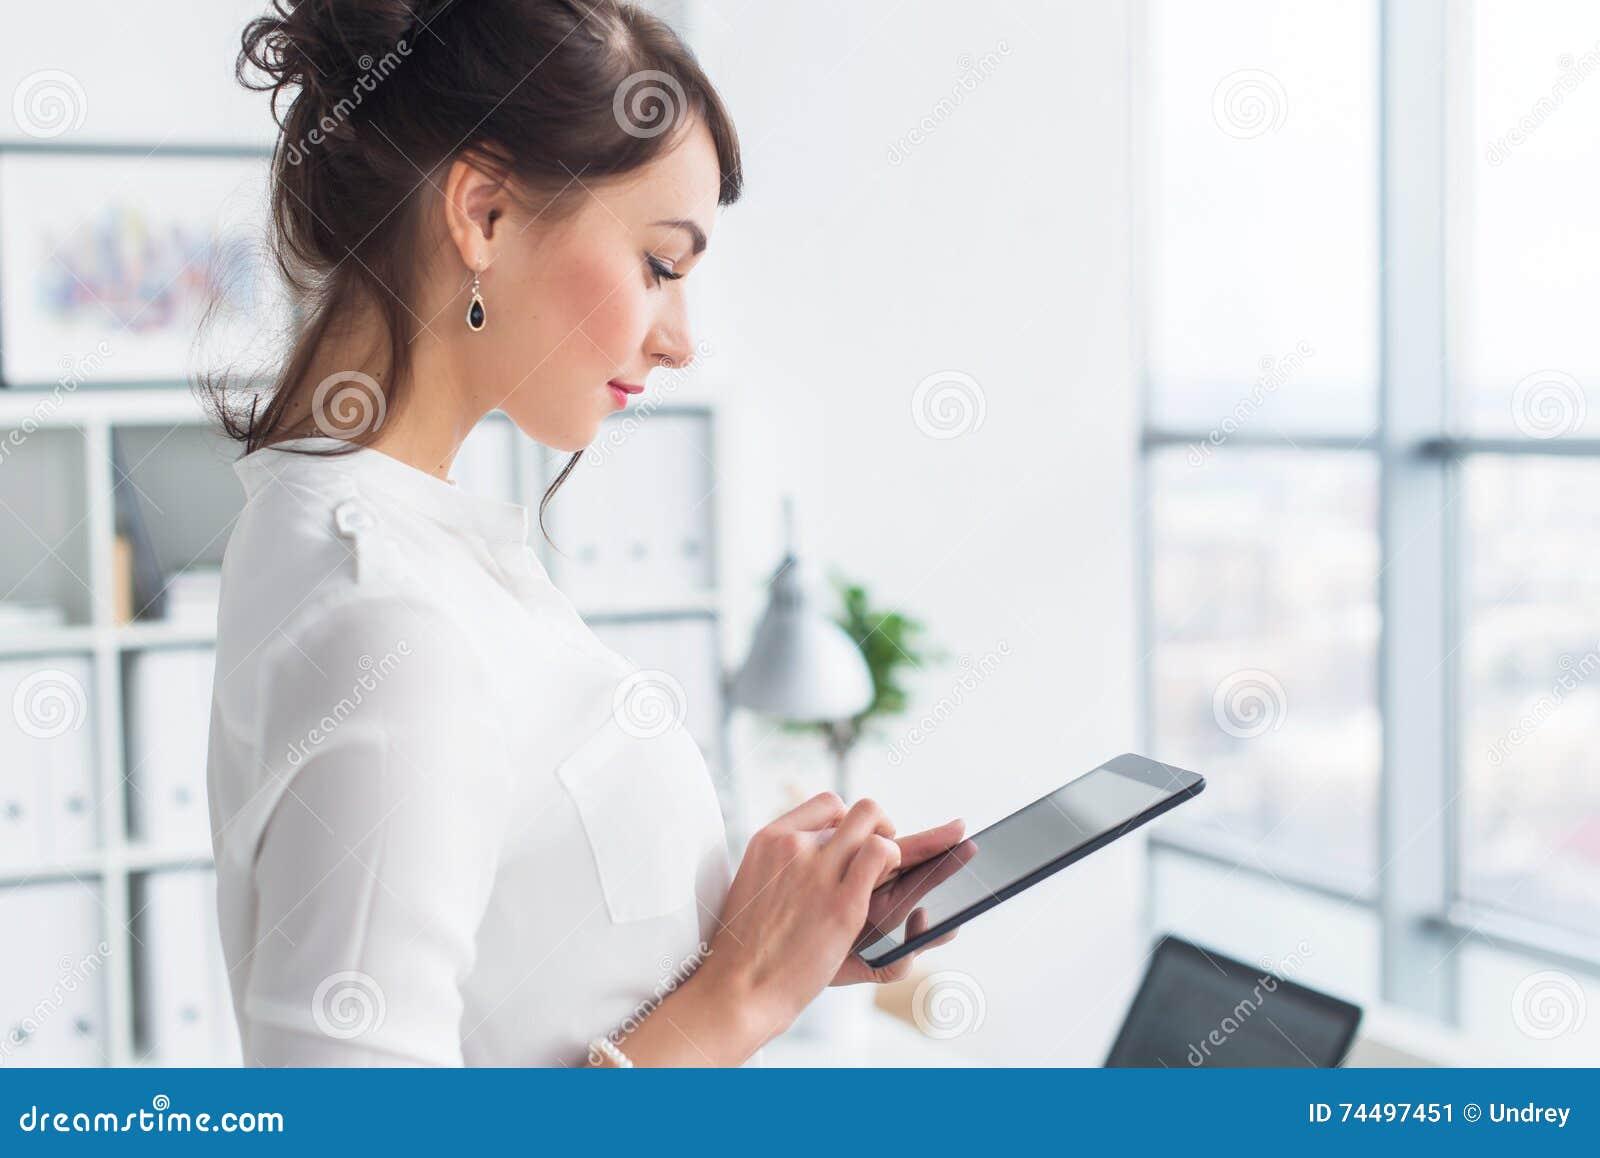 Νέος χαμογελώντας εργαζόμενος γραφείων θηλυκών στην ανάγνωση εργασιακών χώρων της, μηνύματα αγγελιών ειδήσεων ξεφυλλίσματος που χ